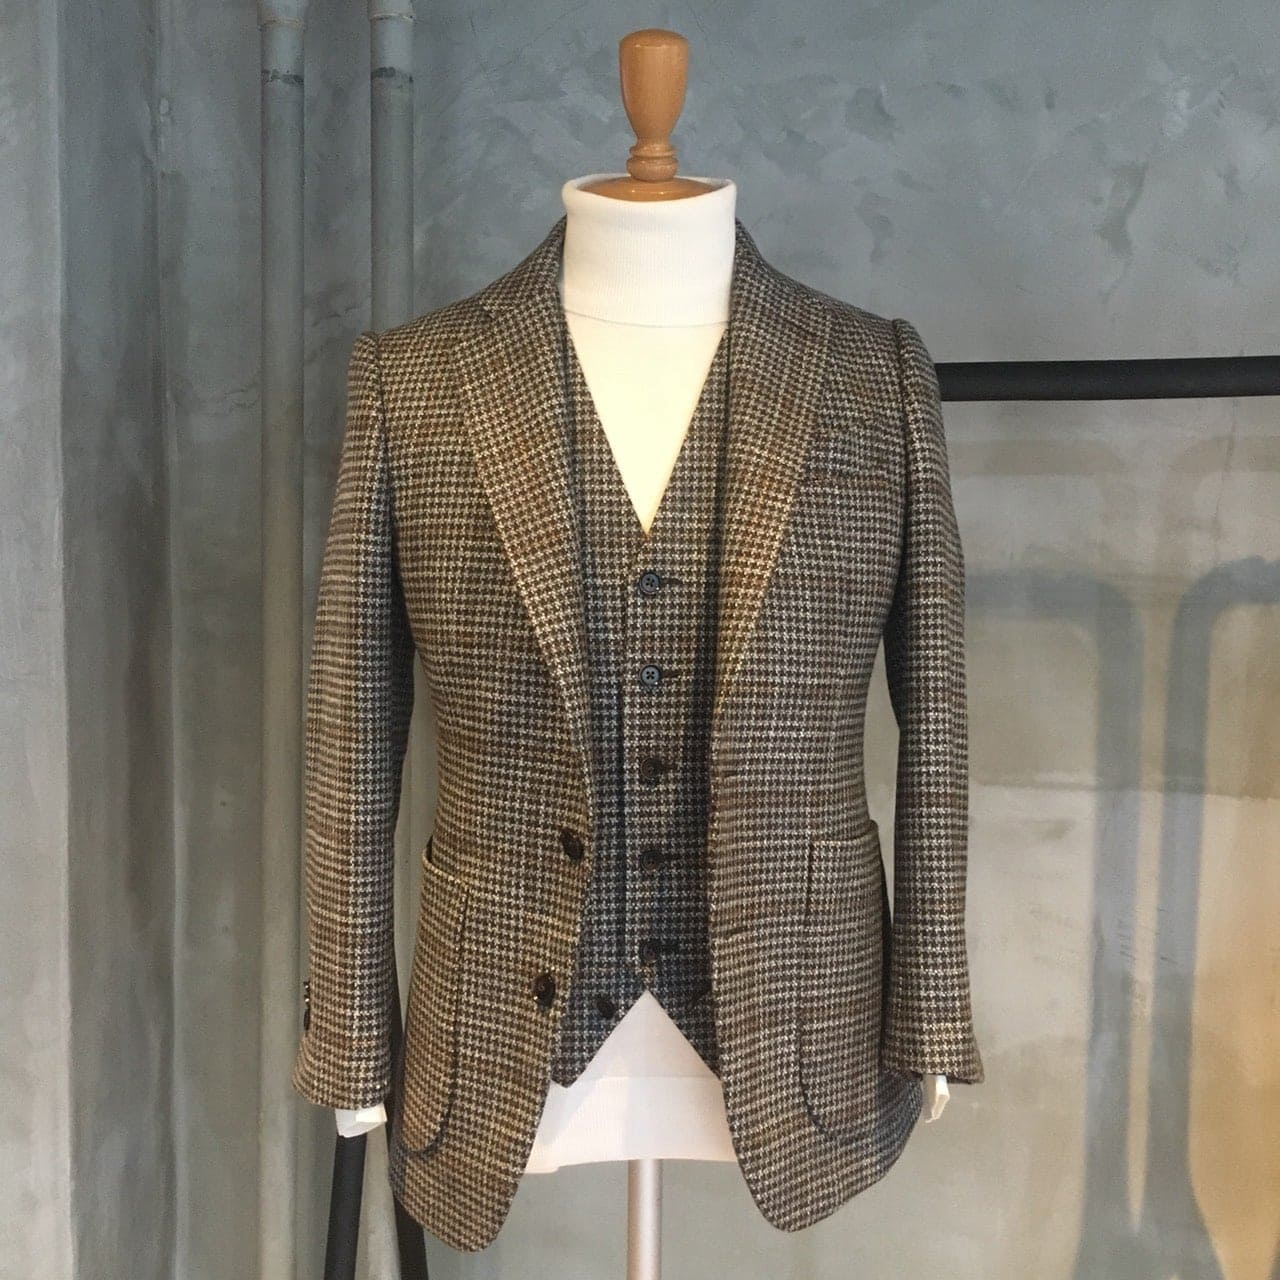 【現地払い専用】(THOMAS クラブ会員限定) プレミアム・オーダーメイドスーツのイメージその2